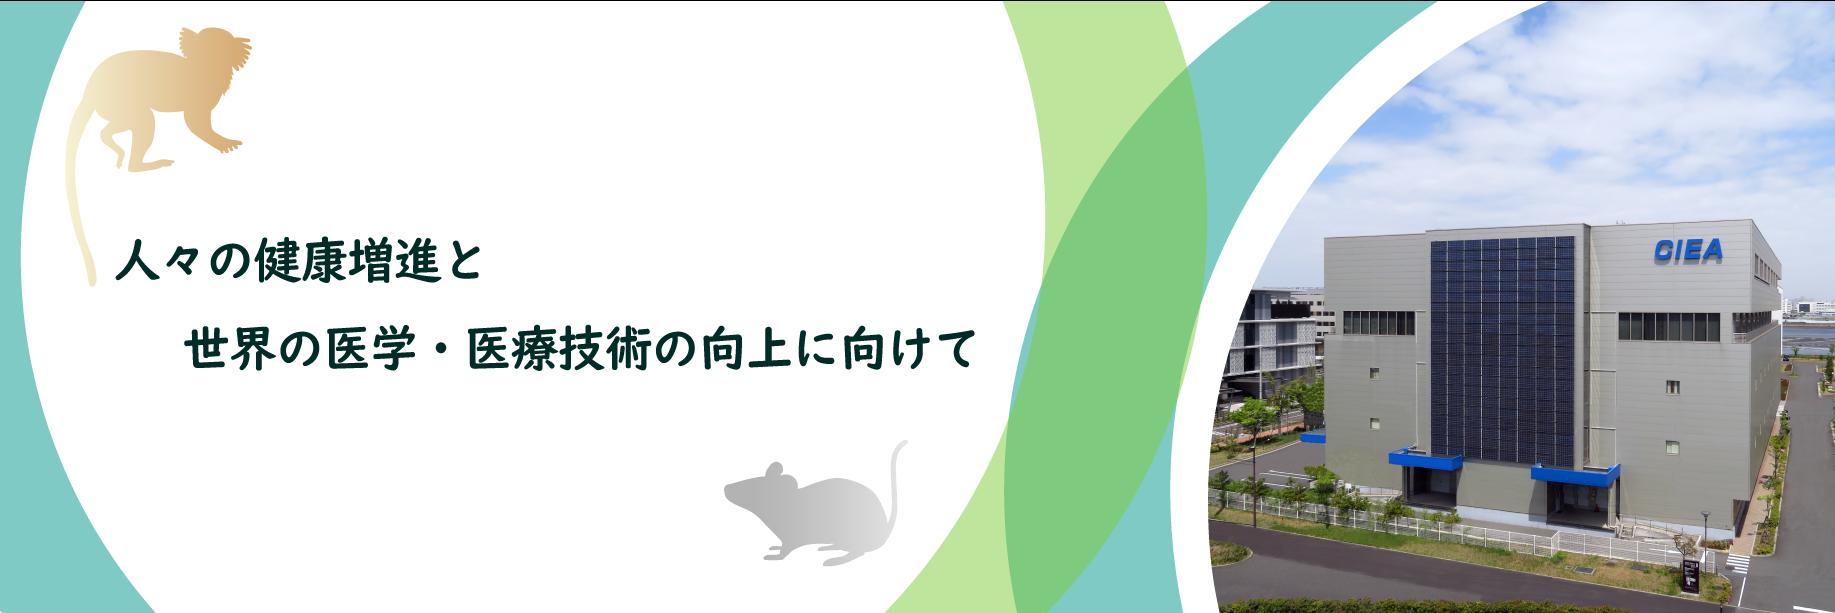 研究 所 実験 動物 中央